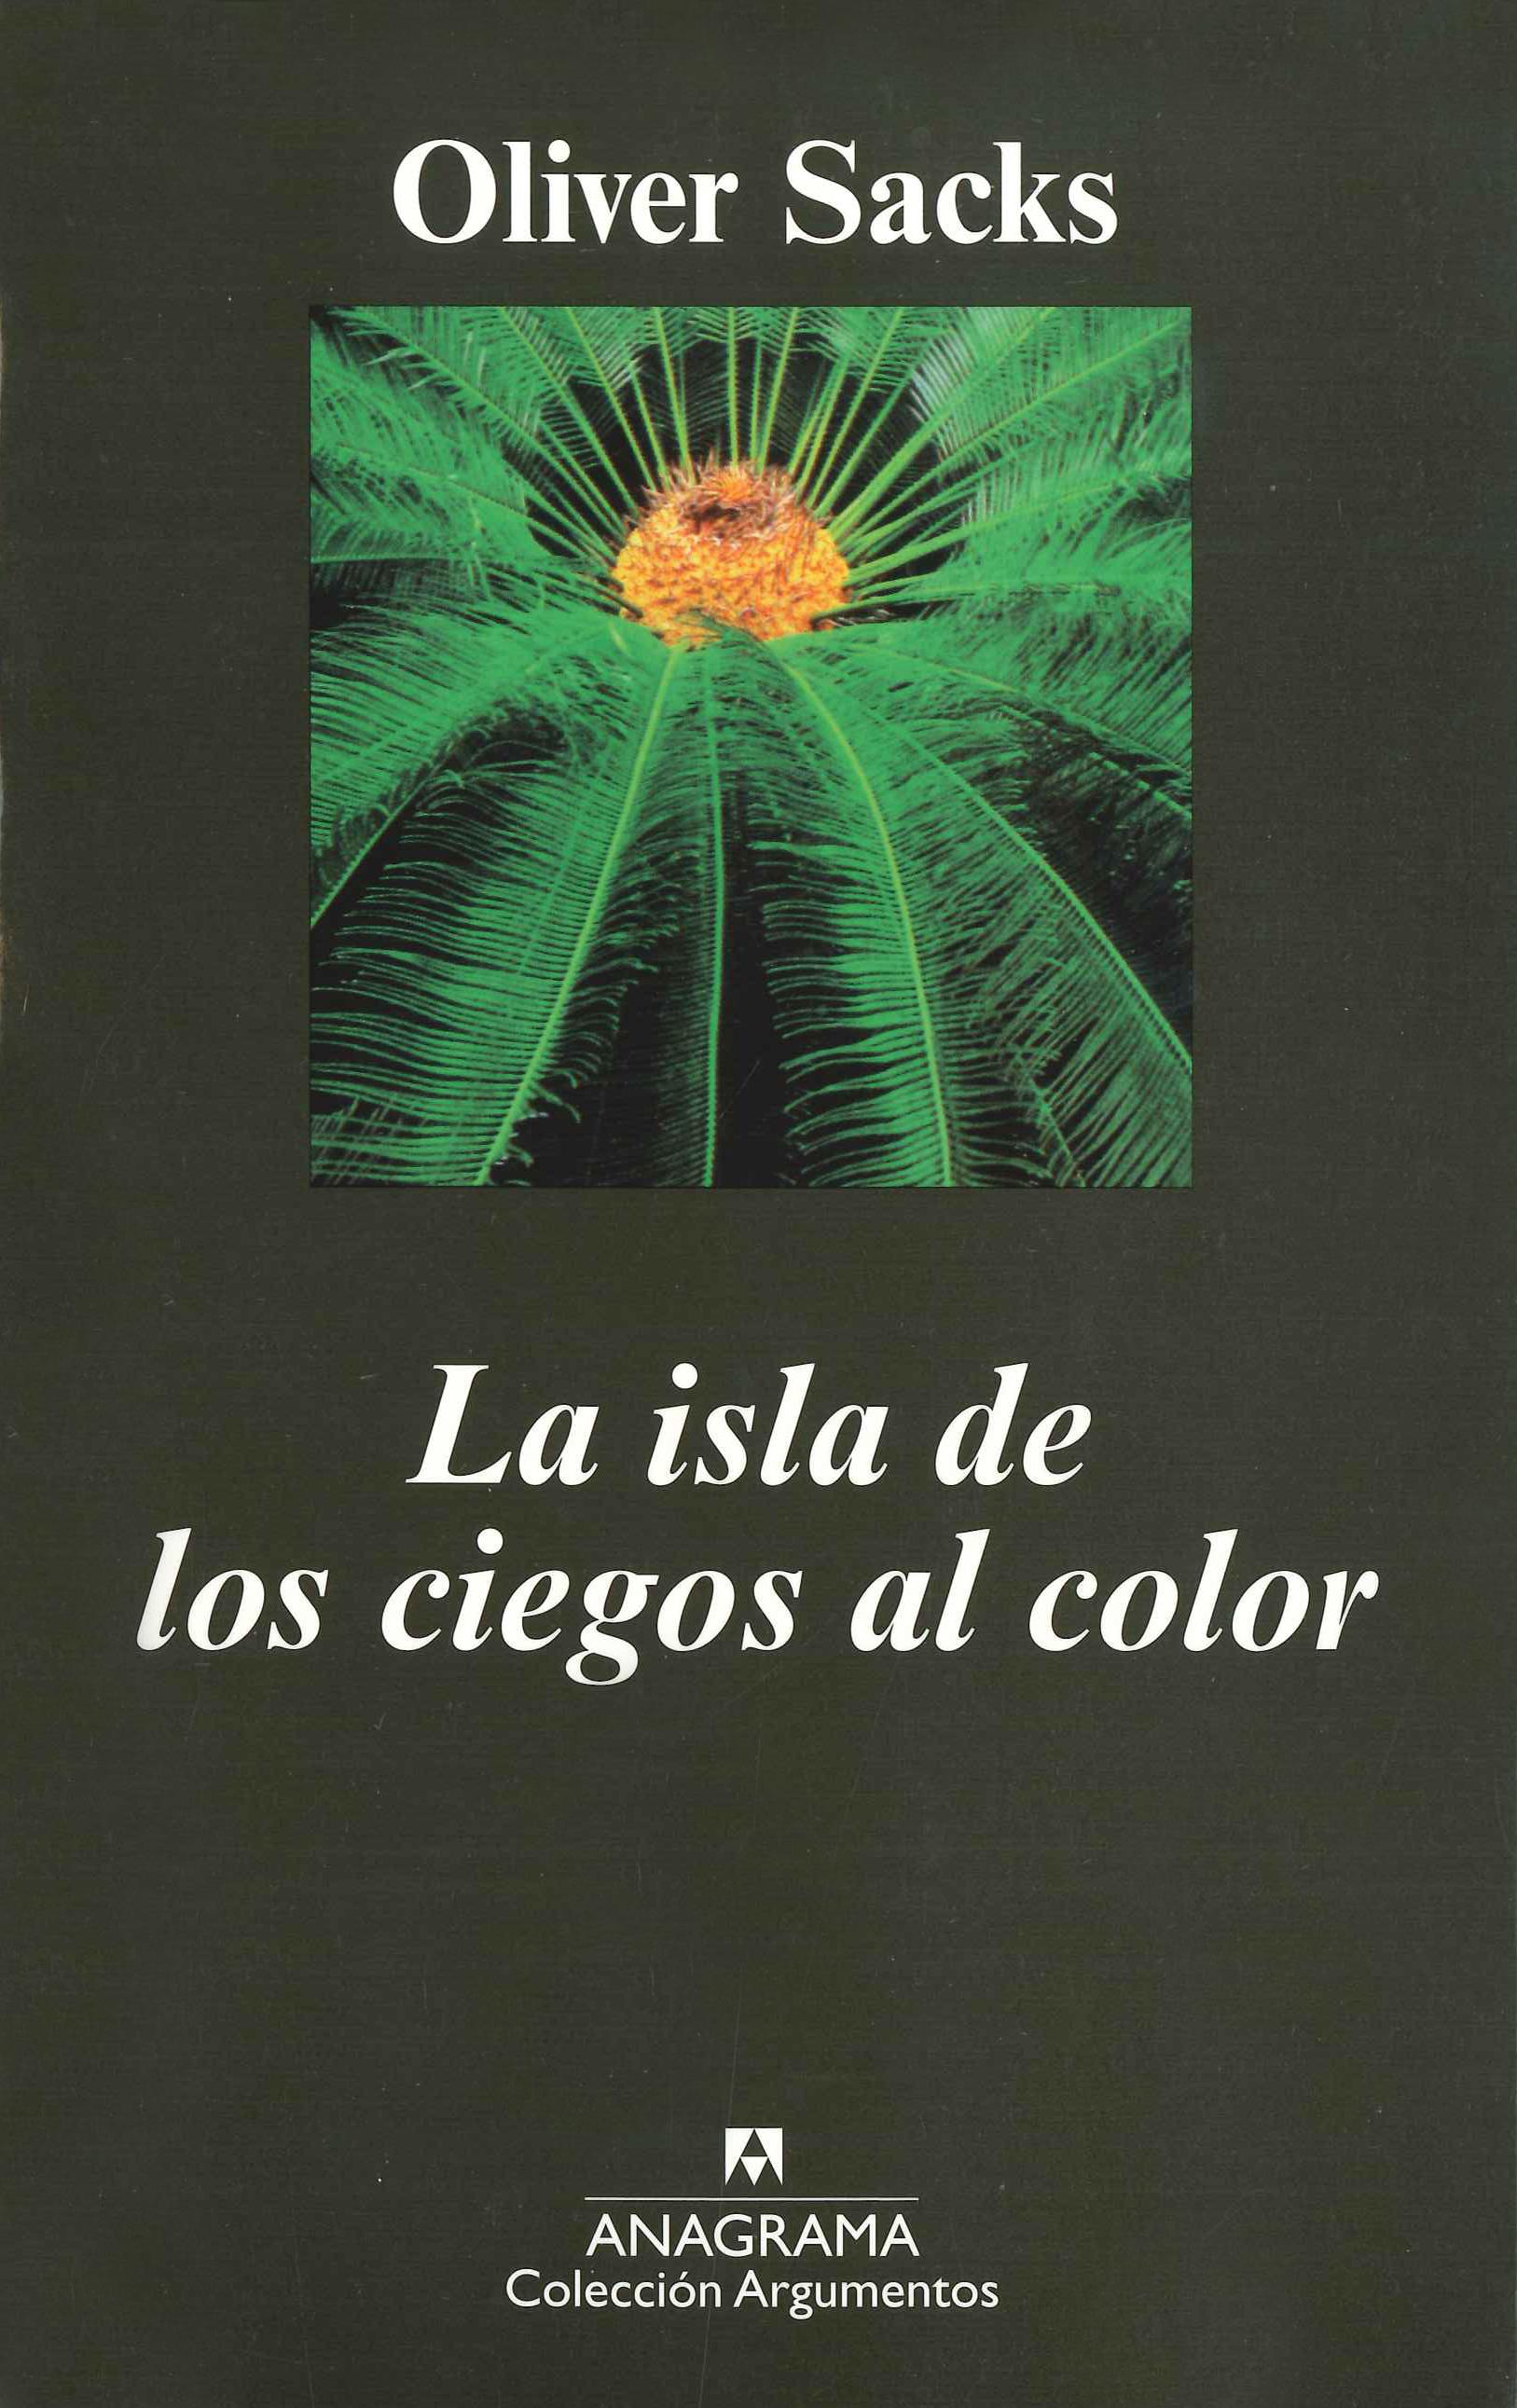 La isla de los ciegos al color - Editorial Anagrama